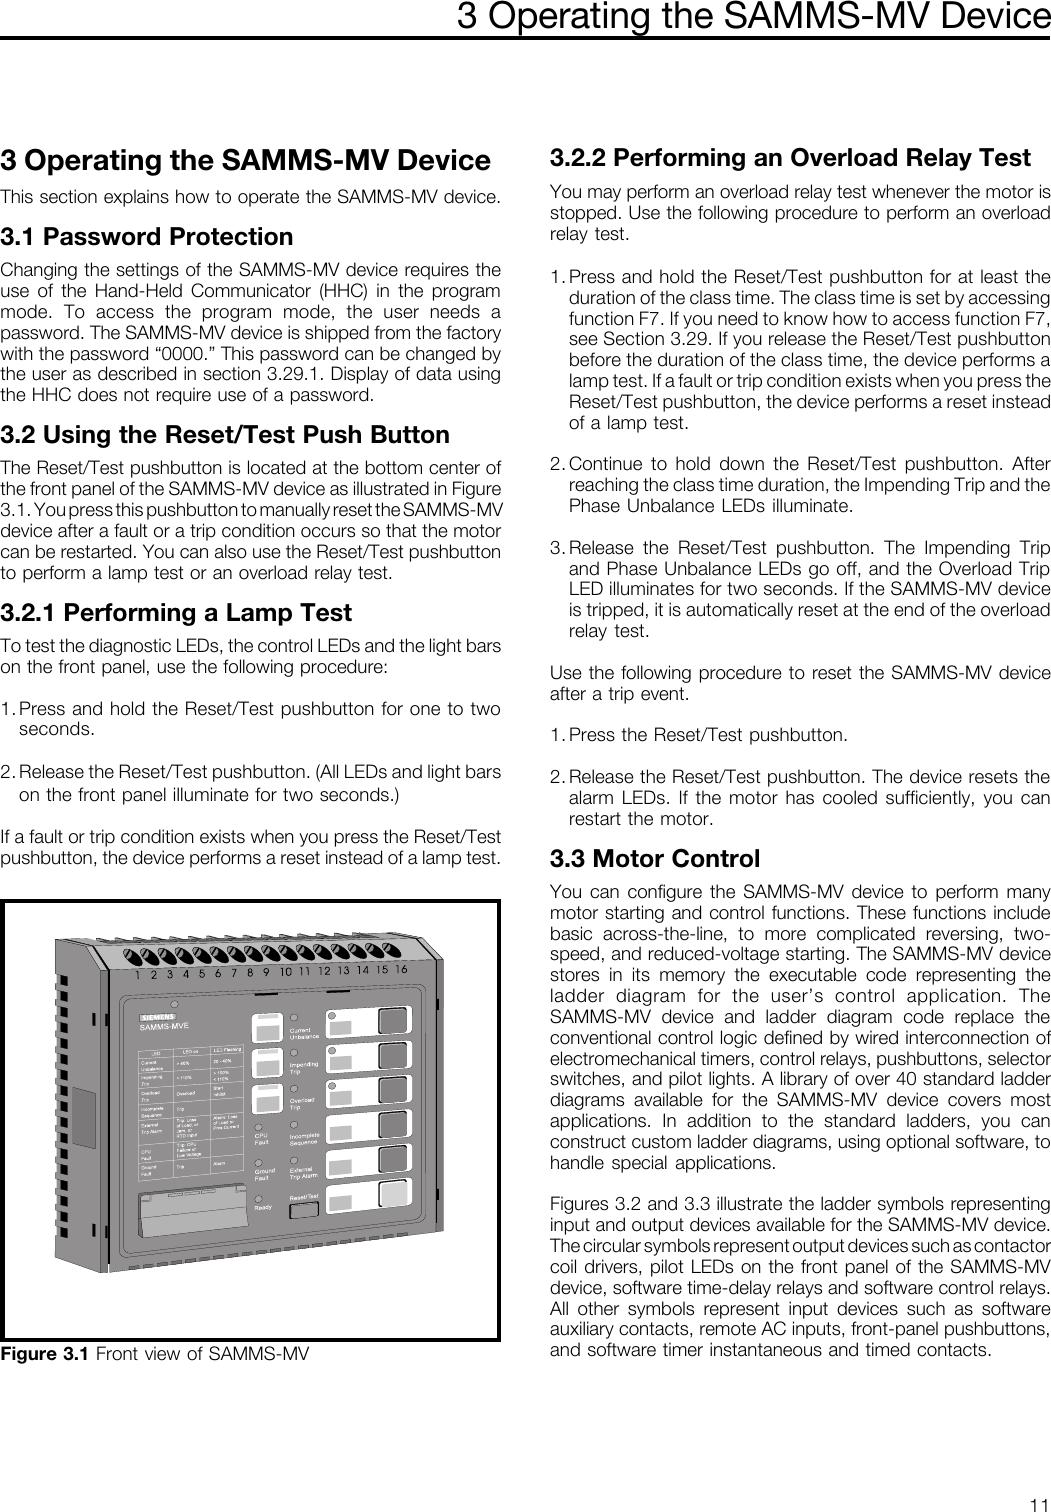 Siemens Advanced Motor Master System For Medium Voltage Motors Samms